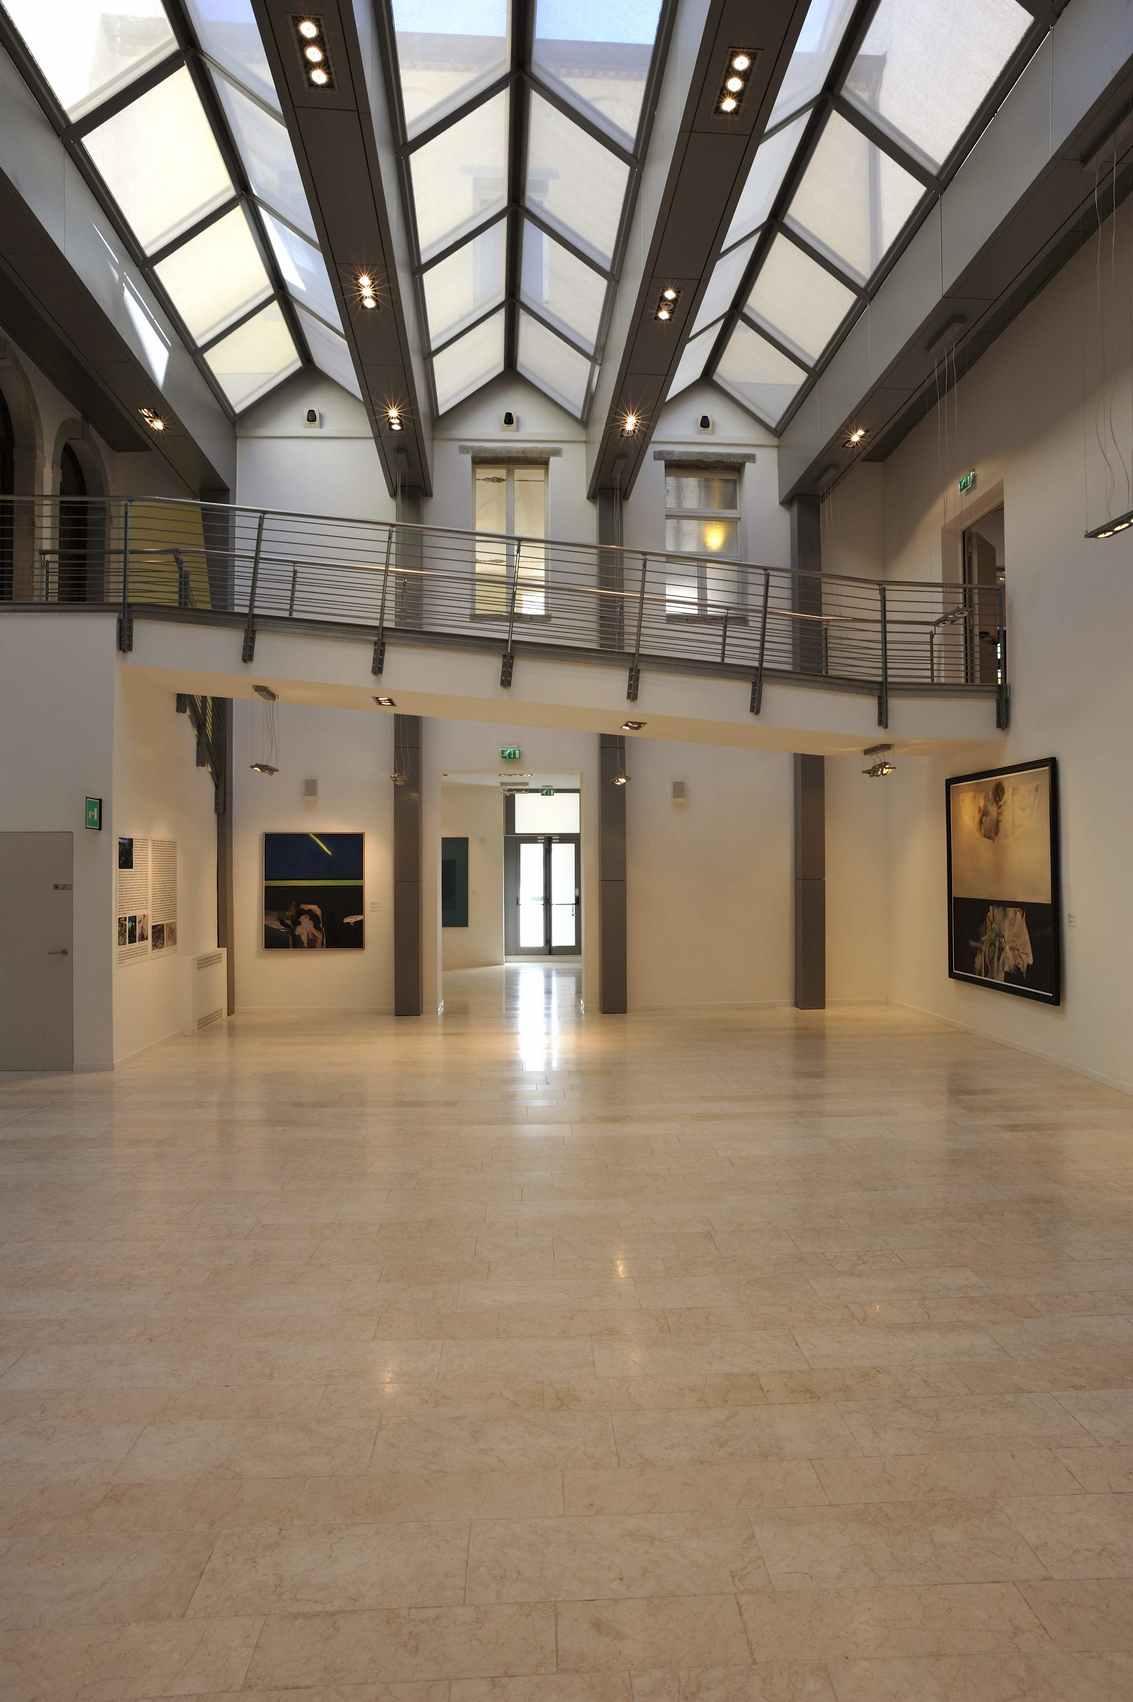 Presentazione mudefri civici musei di udine for Mostra della casa moderna udine